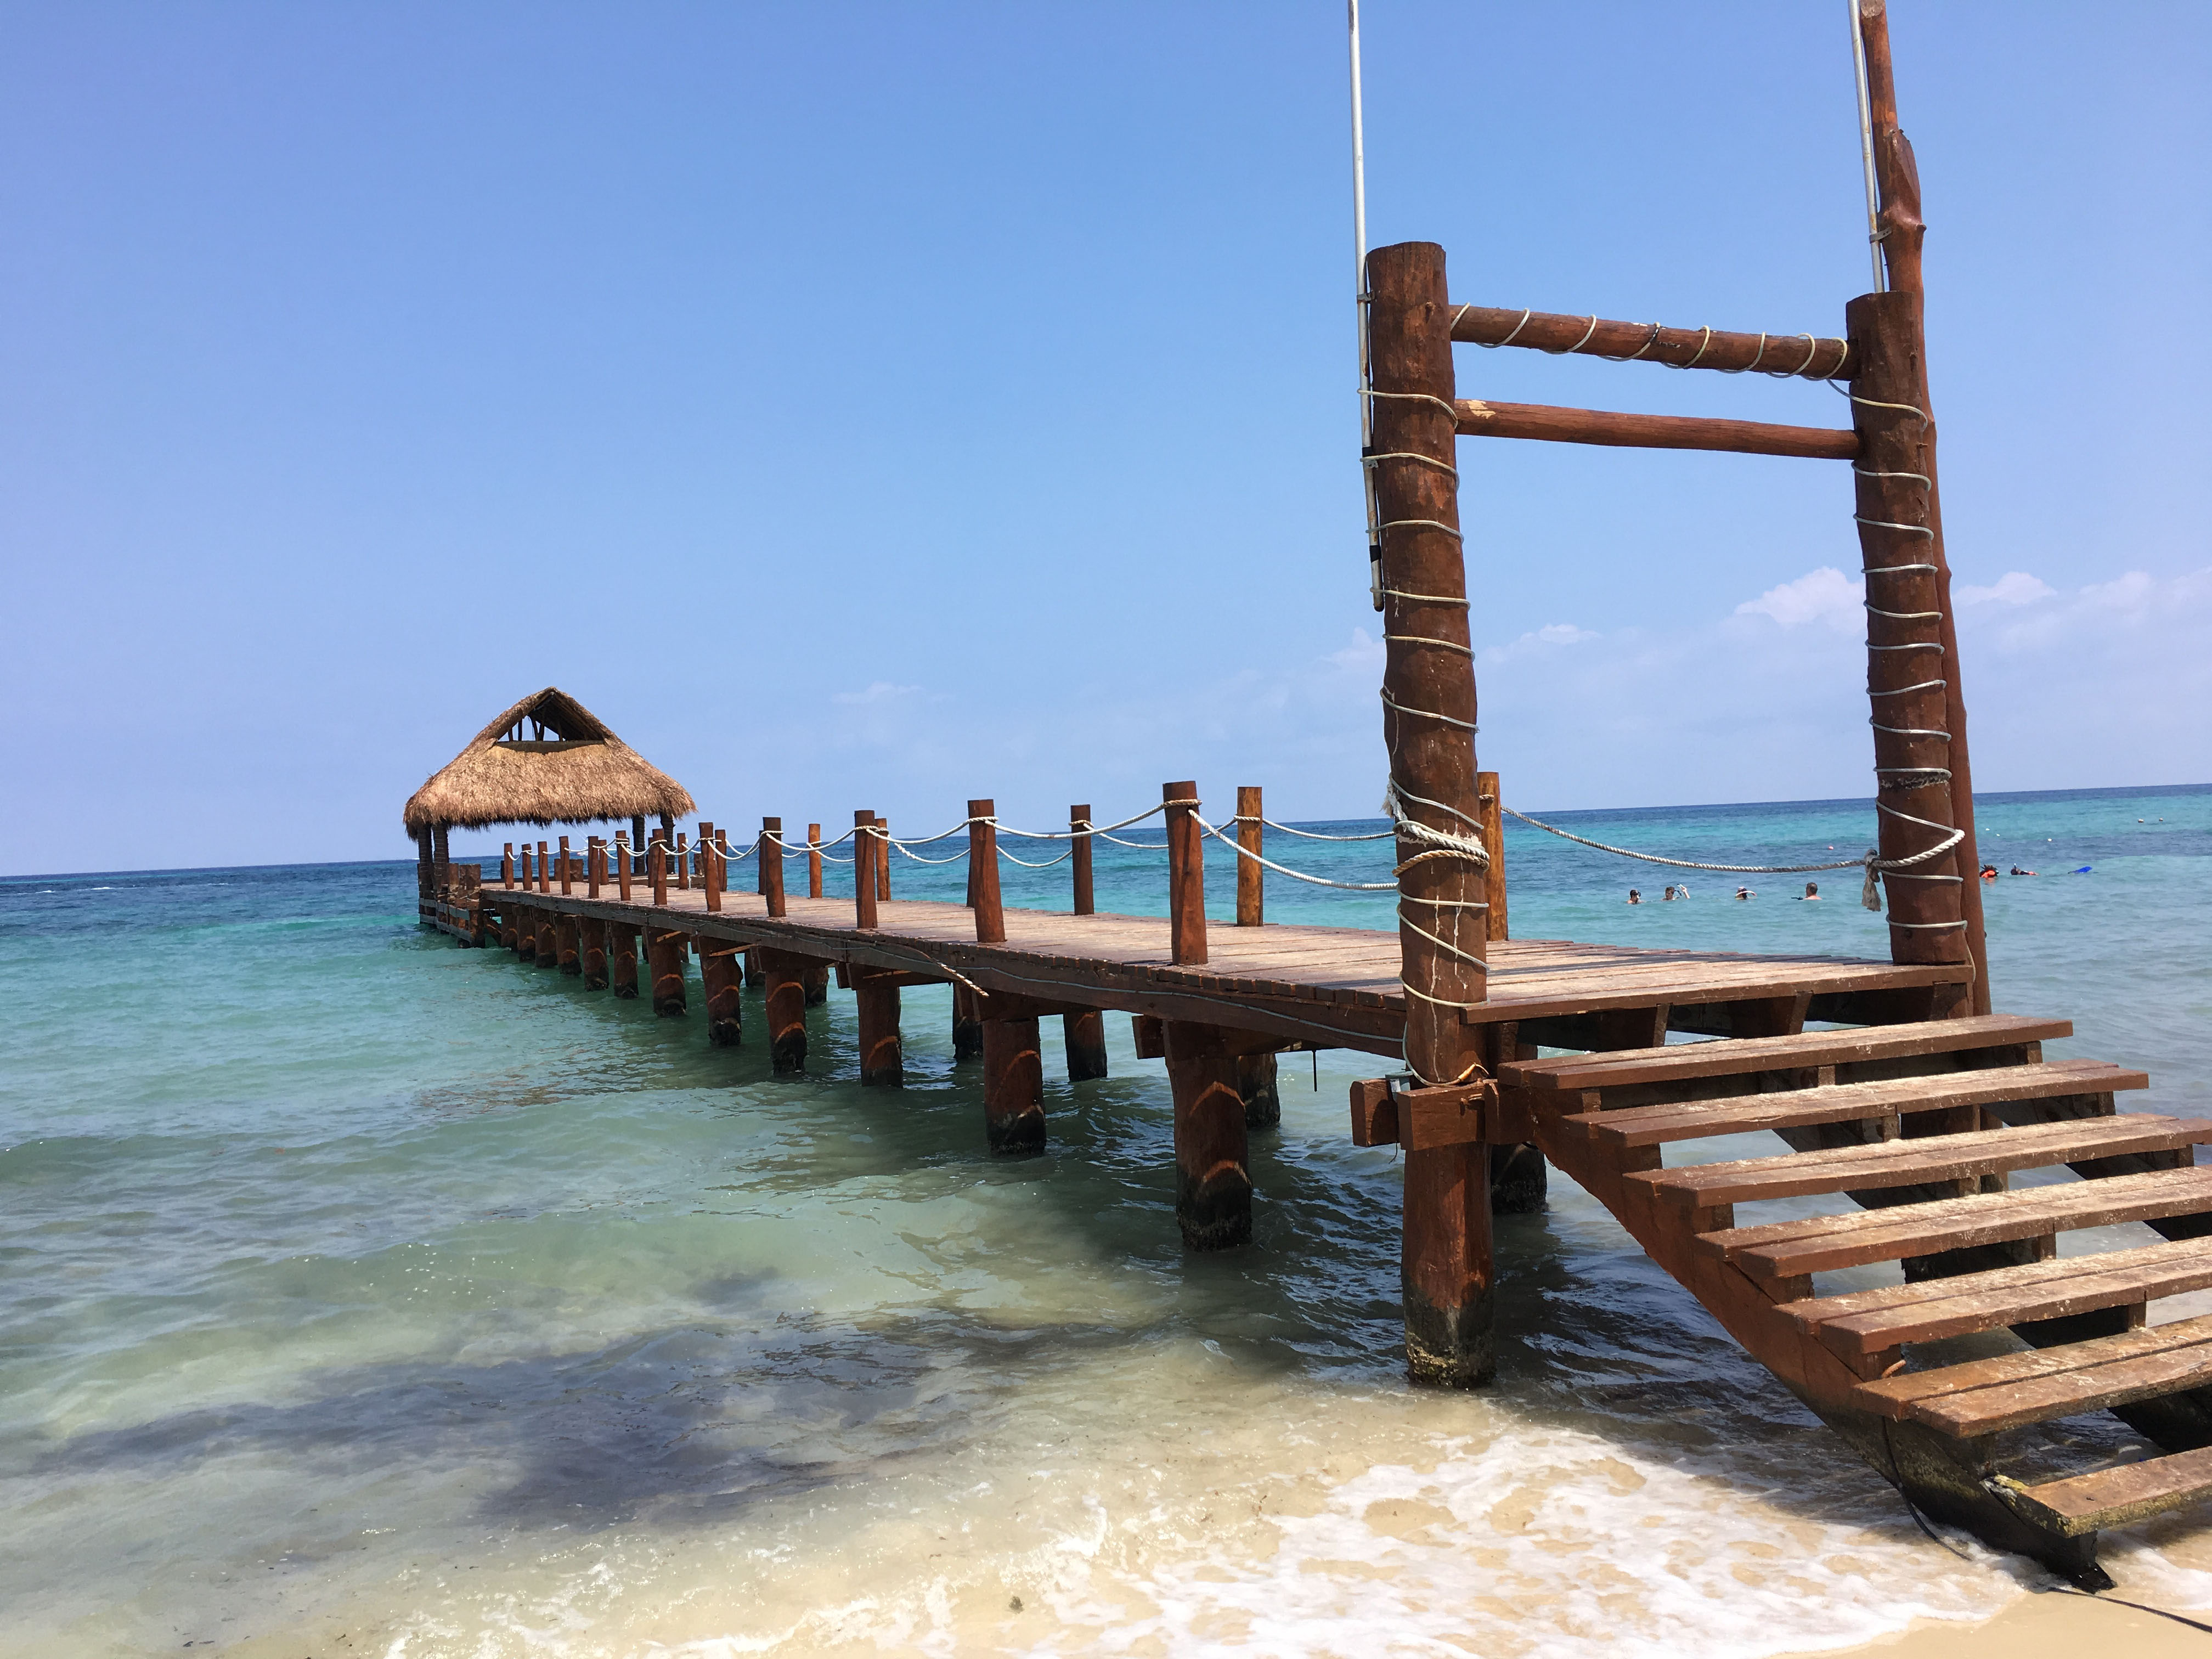 The pier at Secrets Aura Cozumel